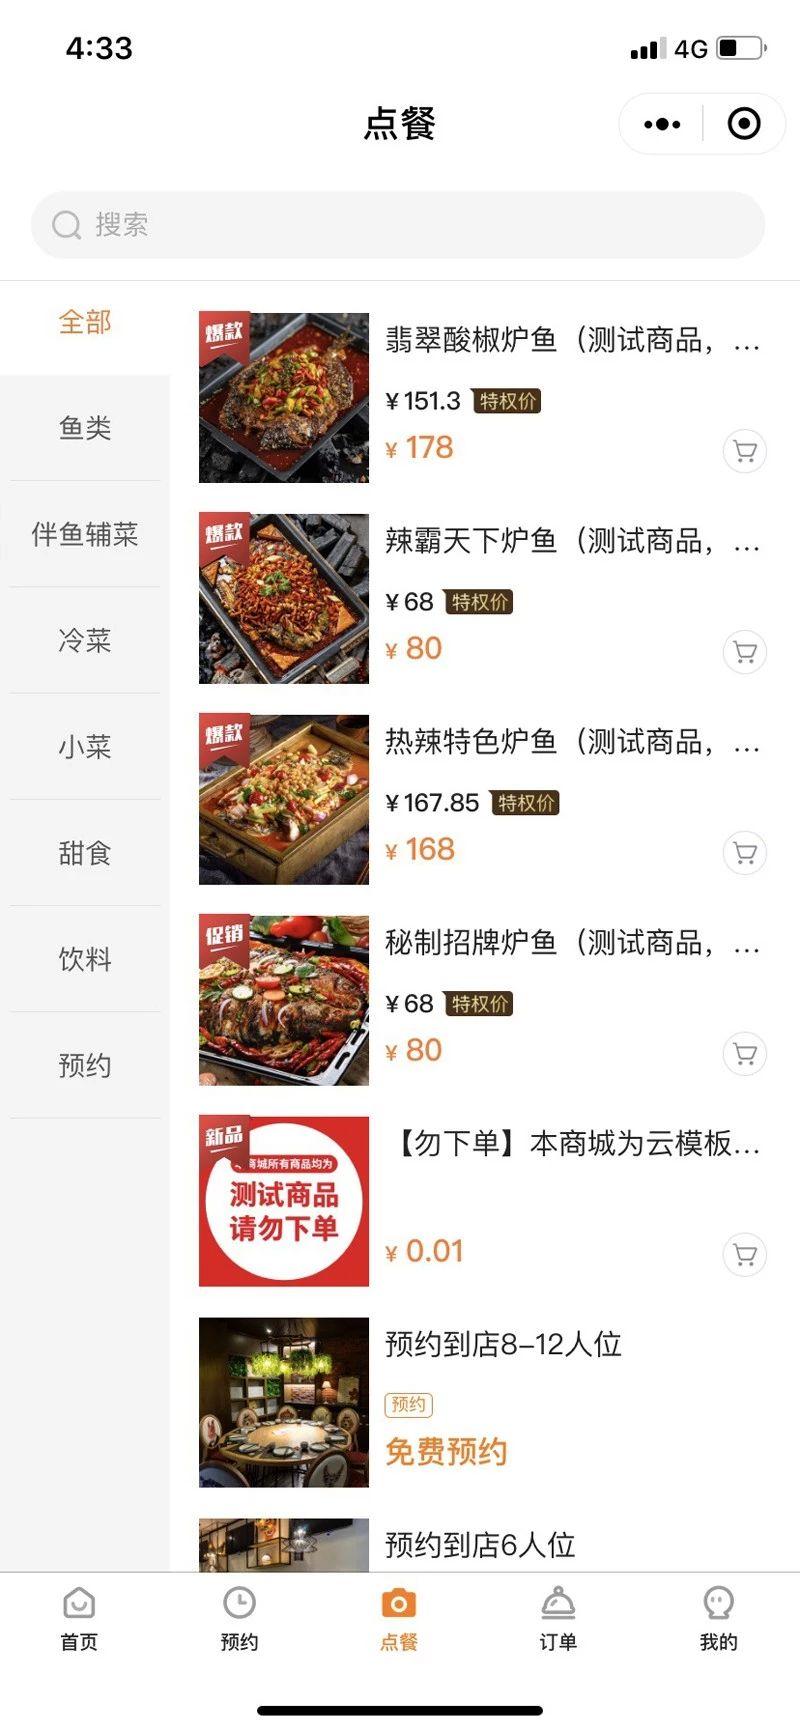 柚安米有客餐饮美食行业直播小程序模板